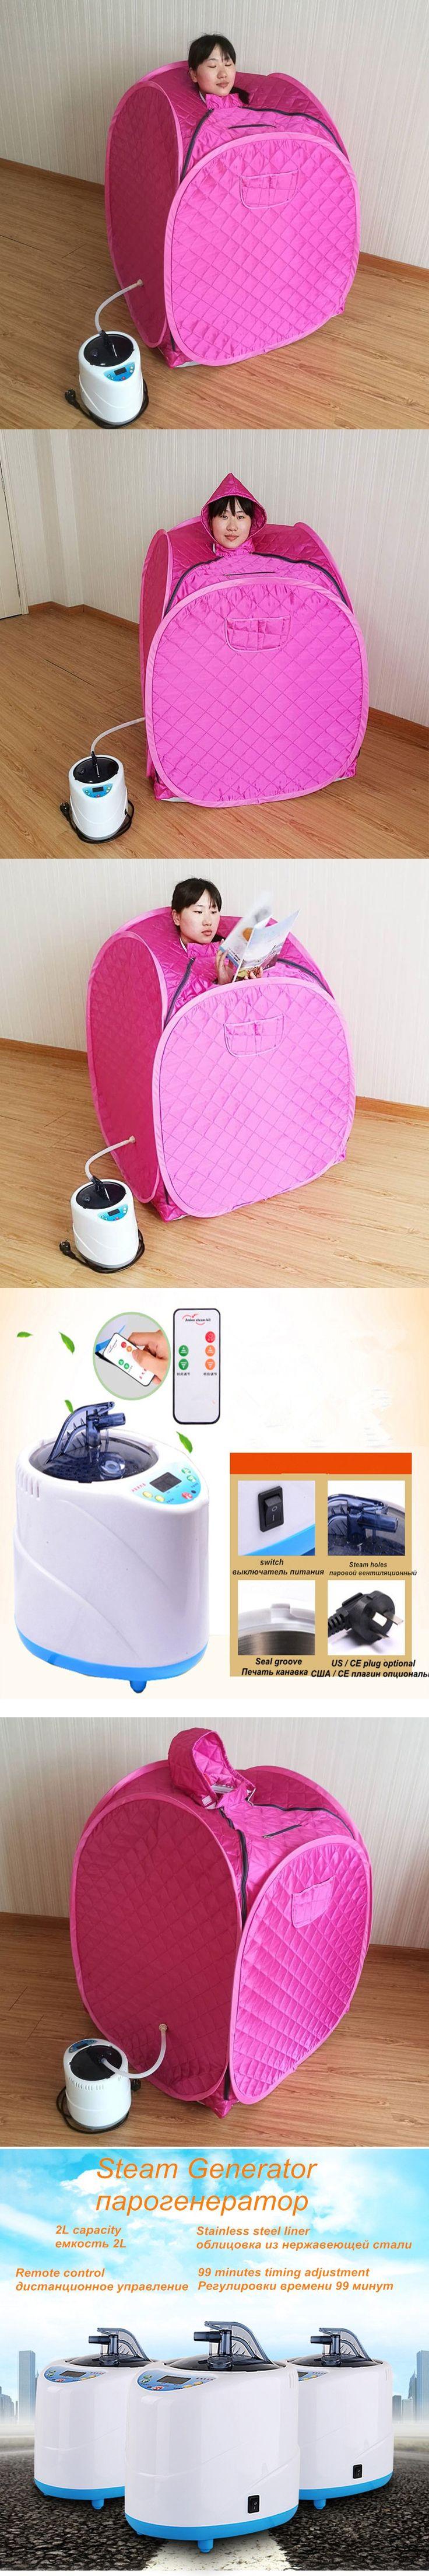 Best 25 Portable steam sauna ideas on Pinterest